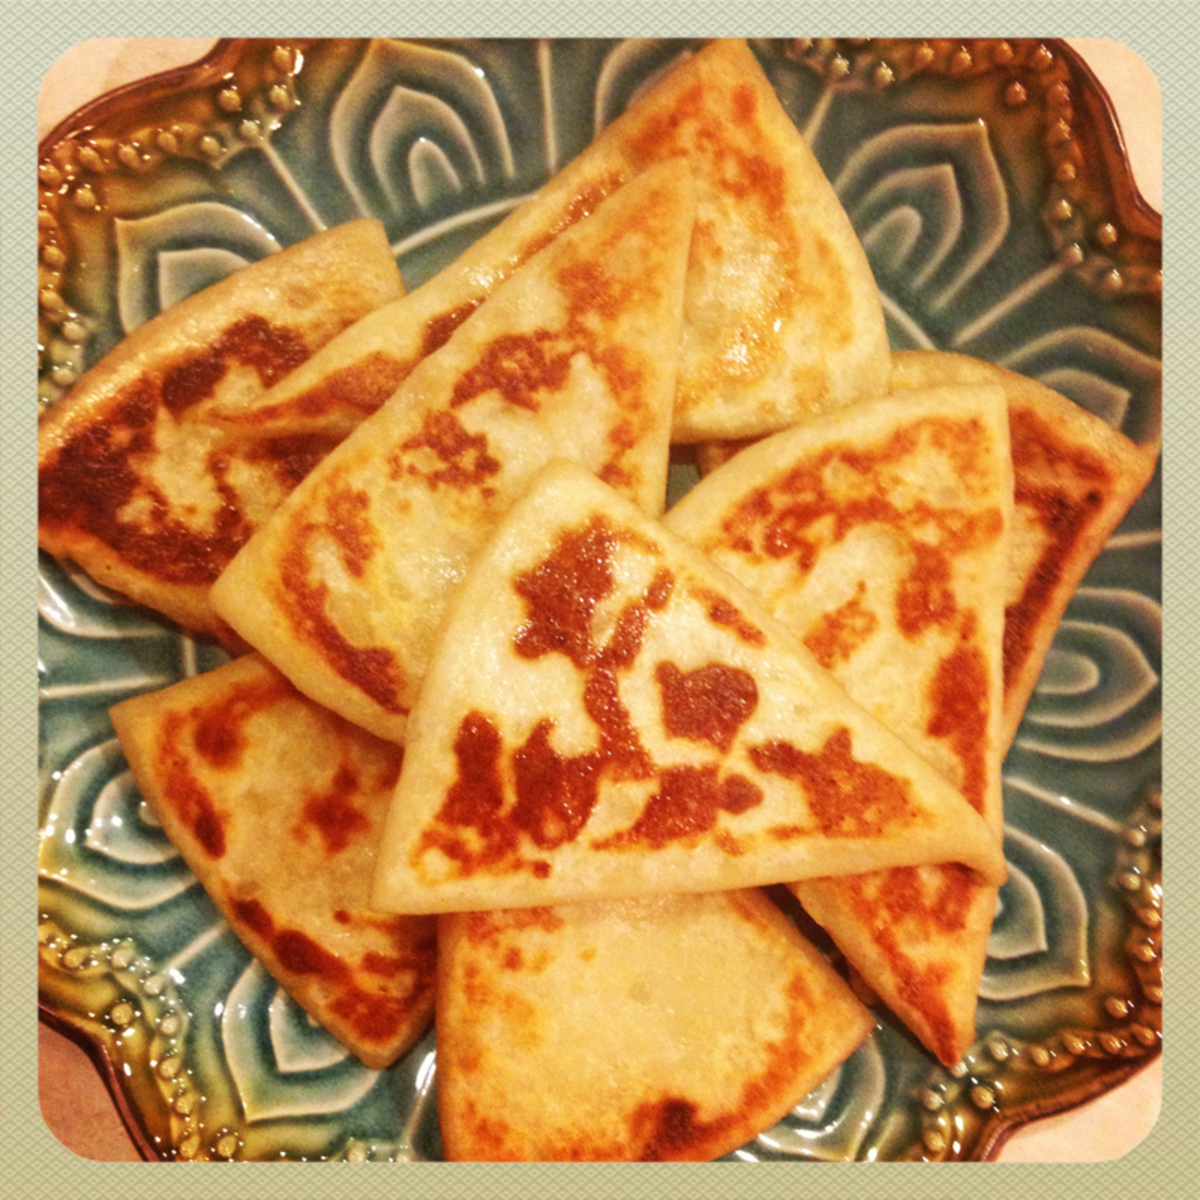 Potato buttermilk scones are easy to make and so delicious!